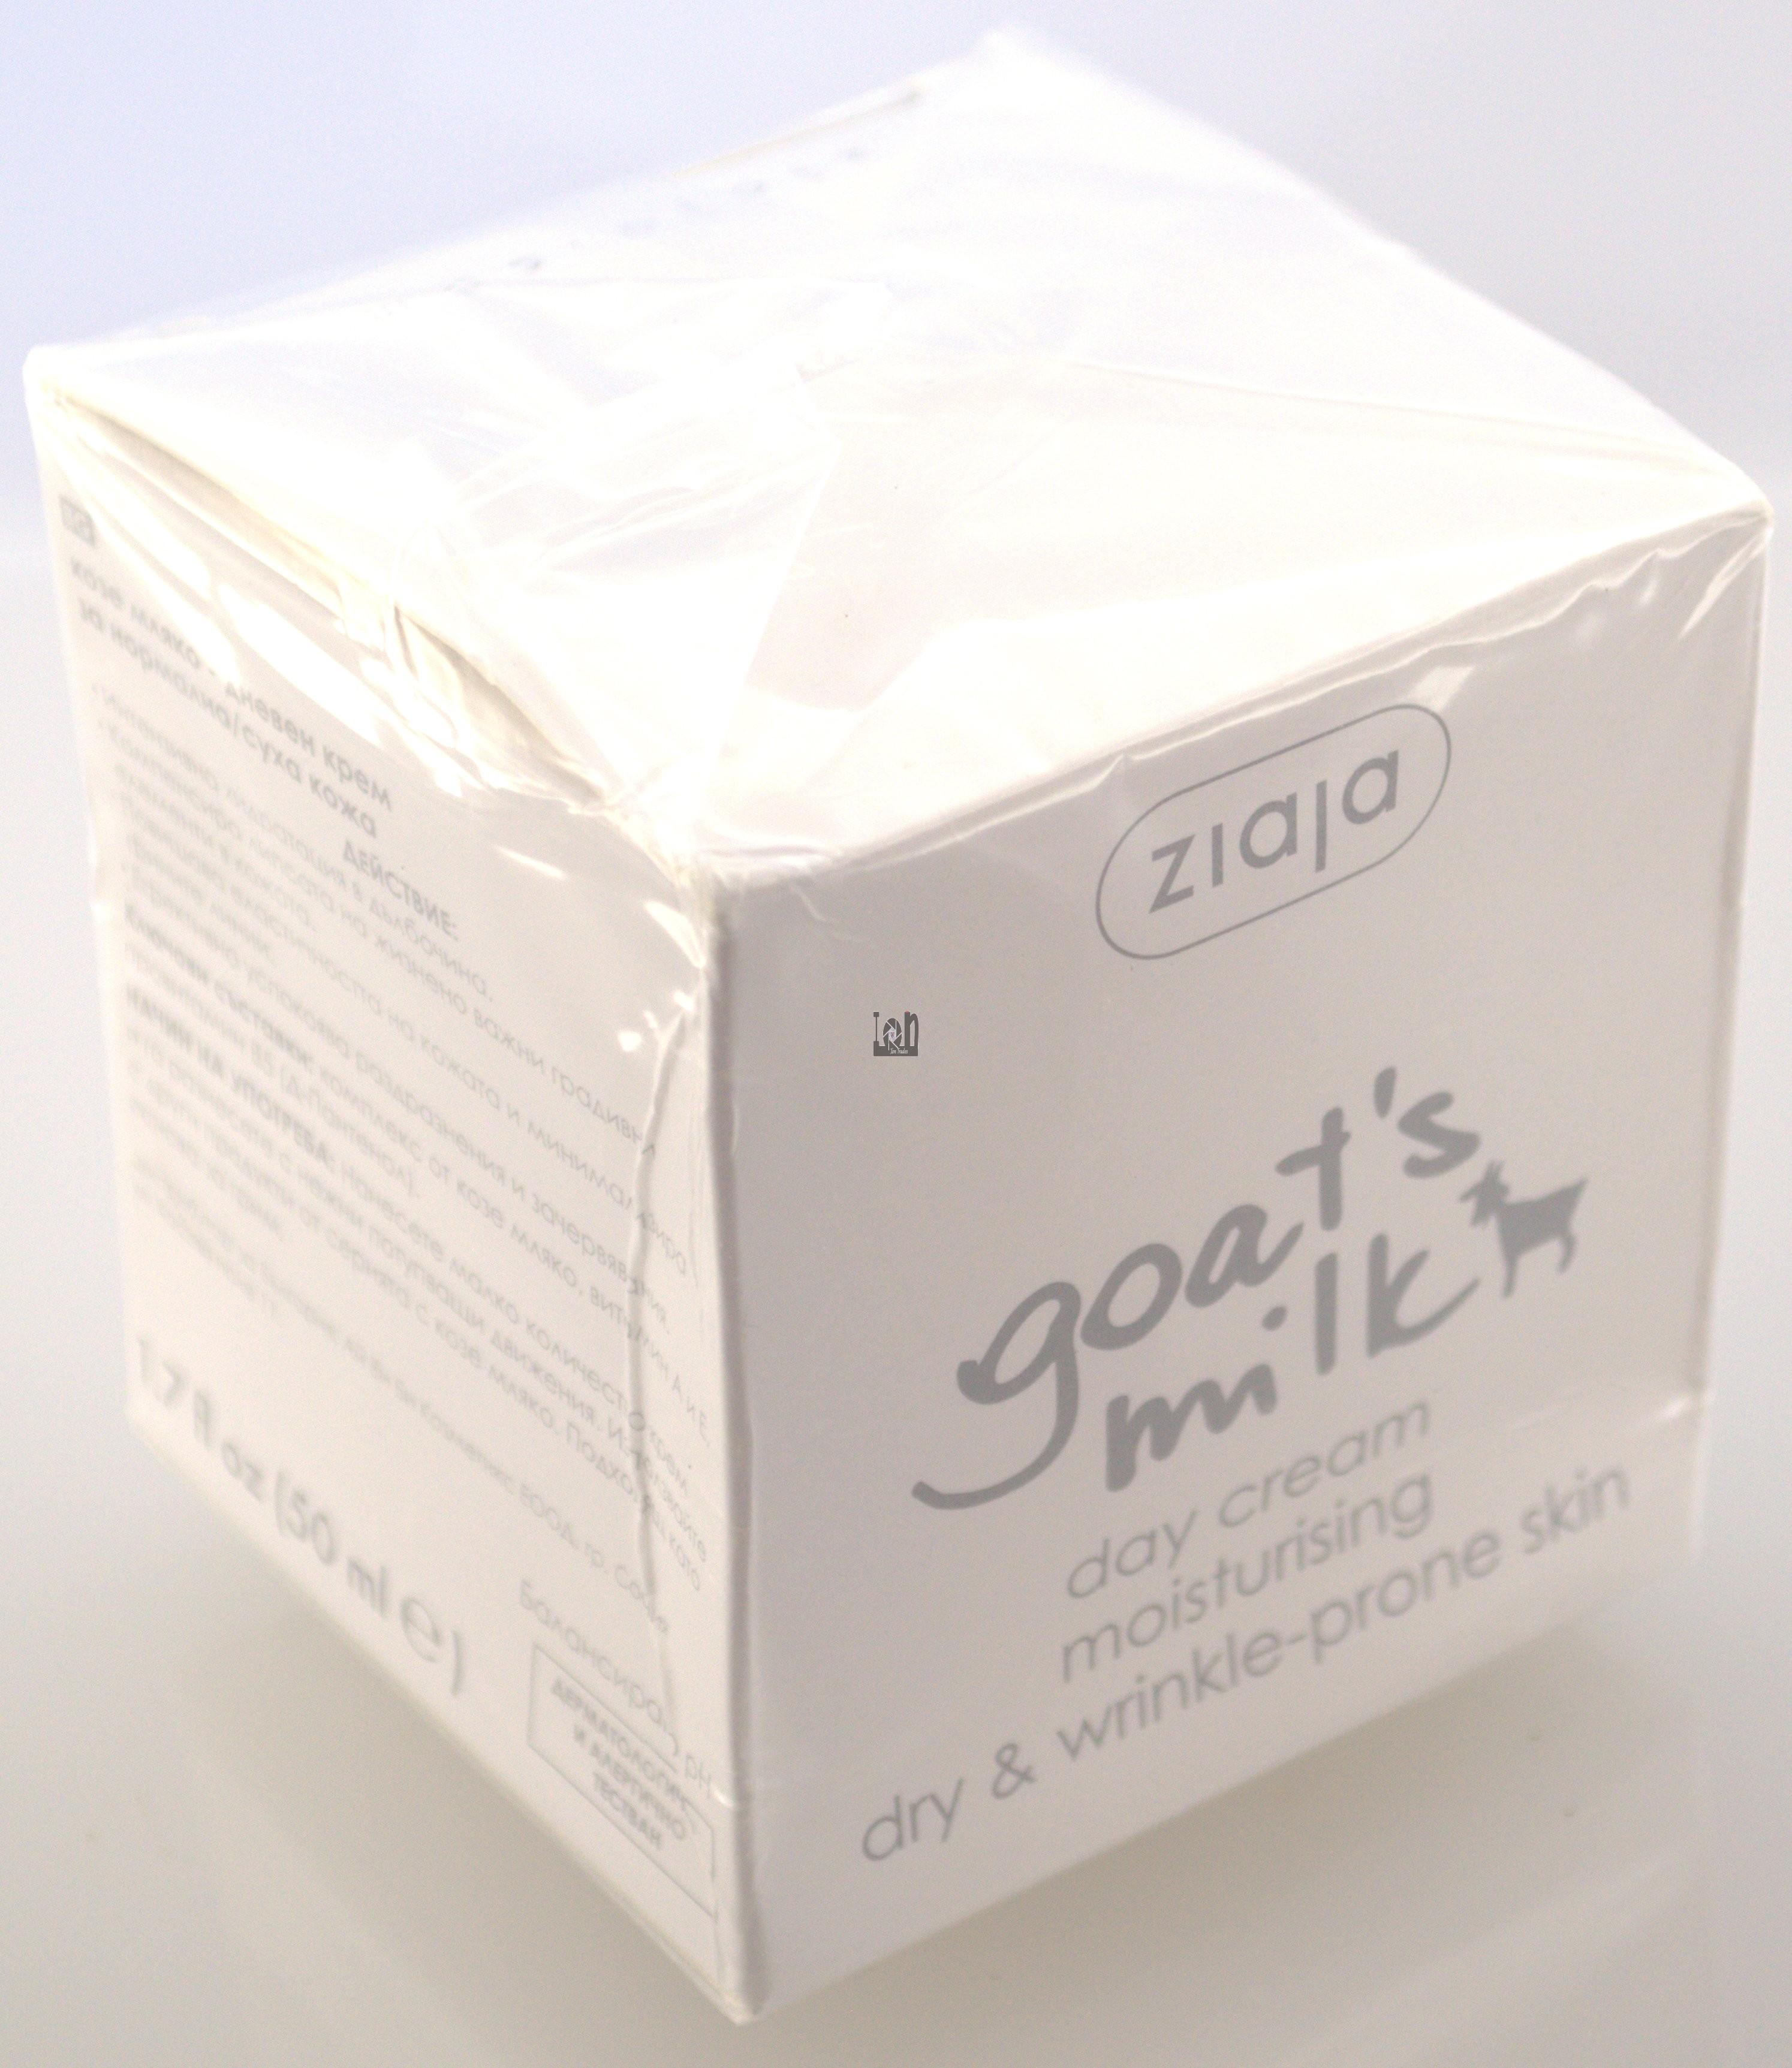 Ziaja Goat's Milk Moisturizer Day Cream Lotion 1.7oz